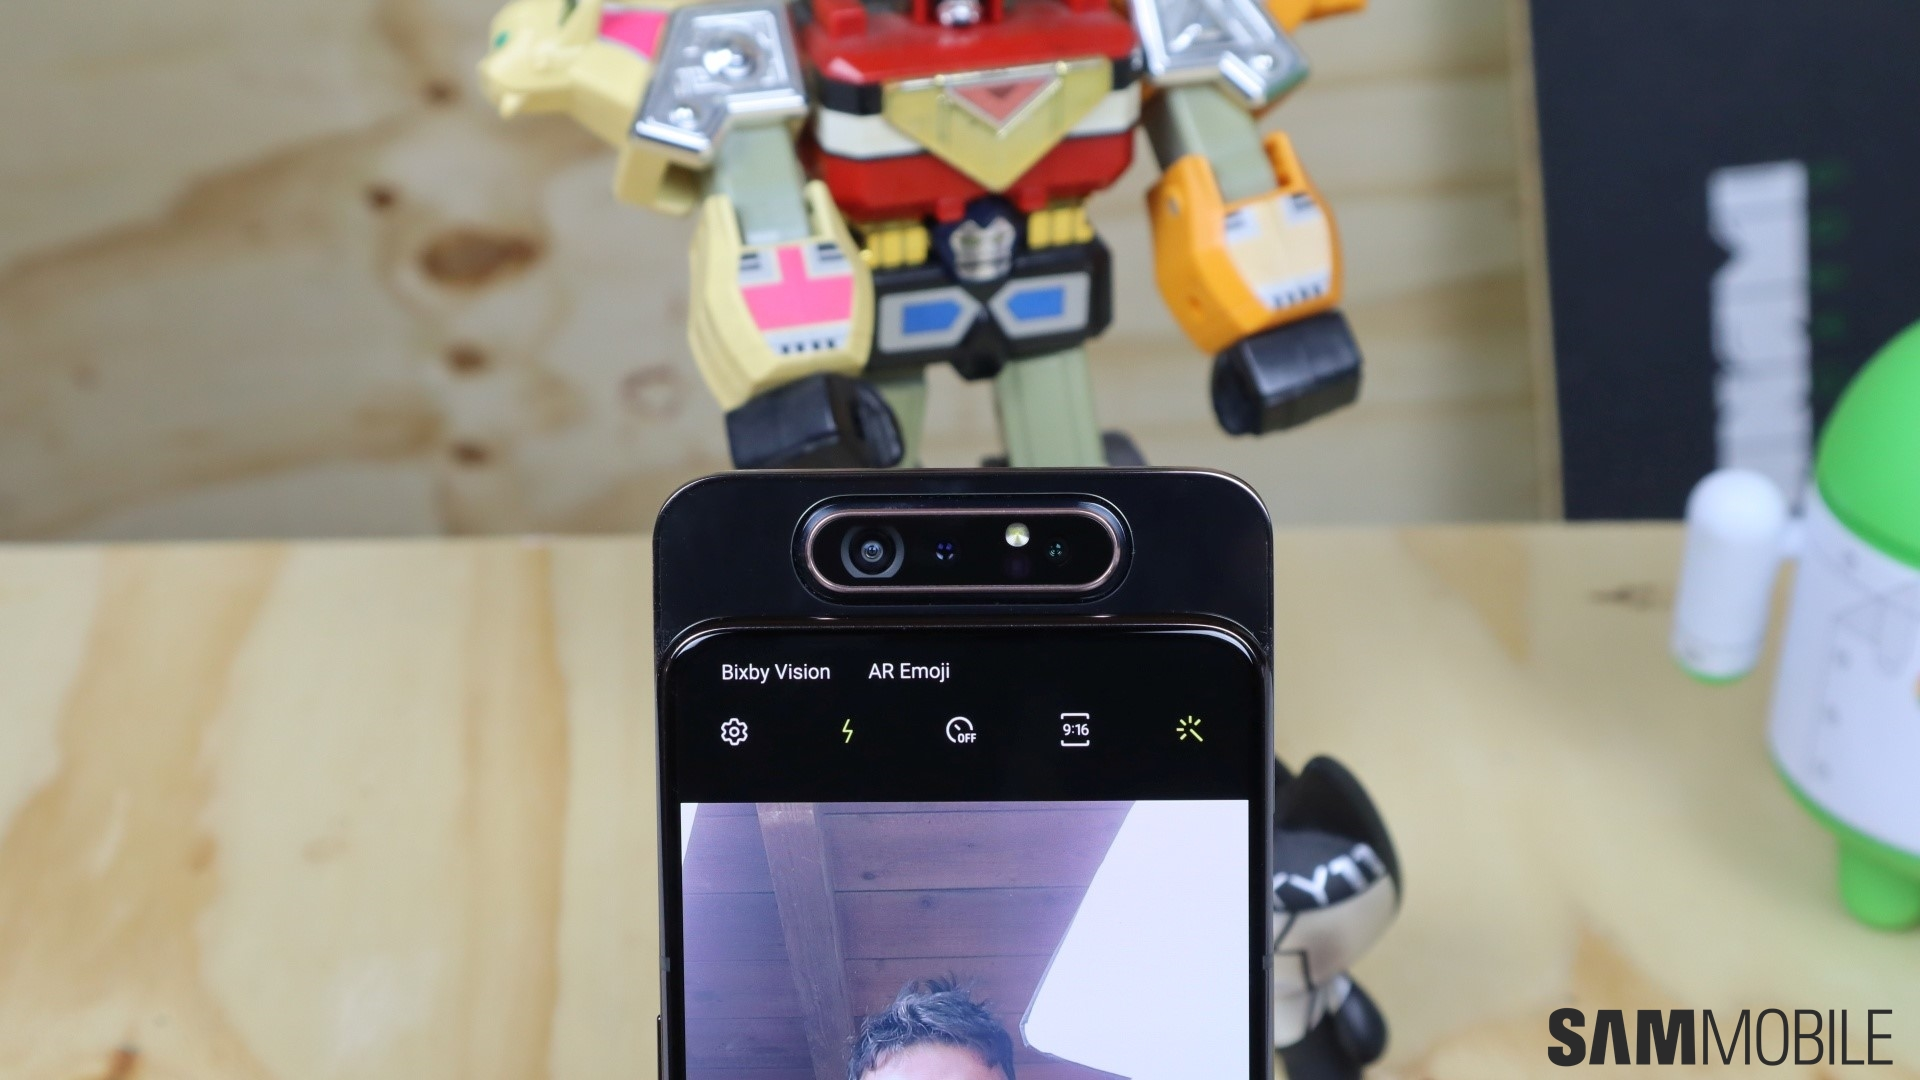 Samsung Galaxy A80 Review Cool Sliding Camera Fails To Impress Sammobile